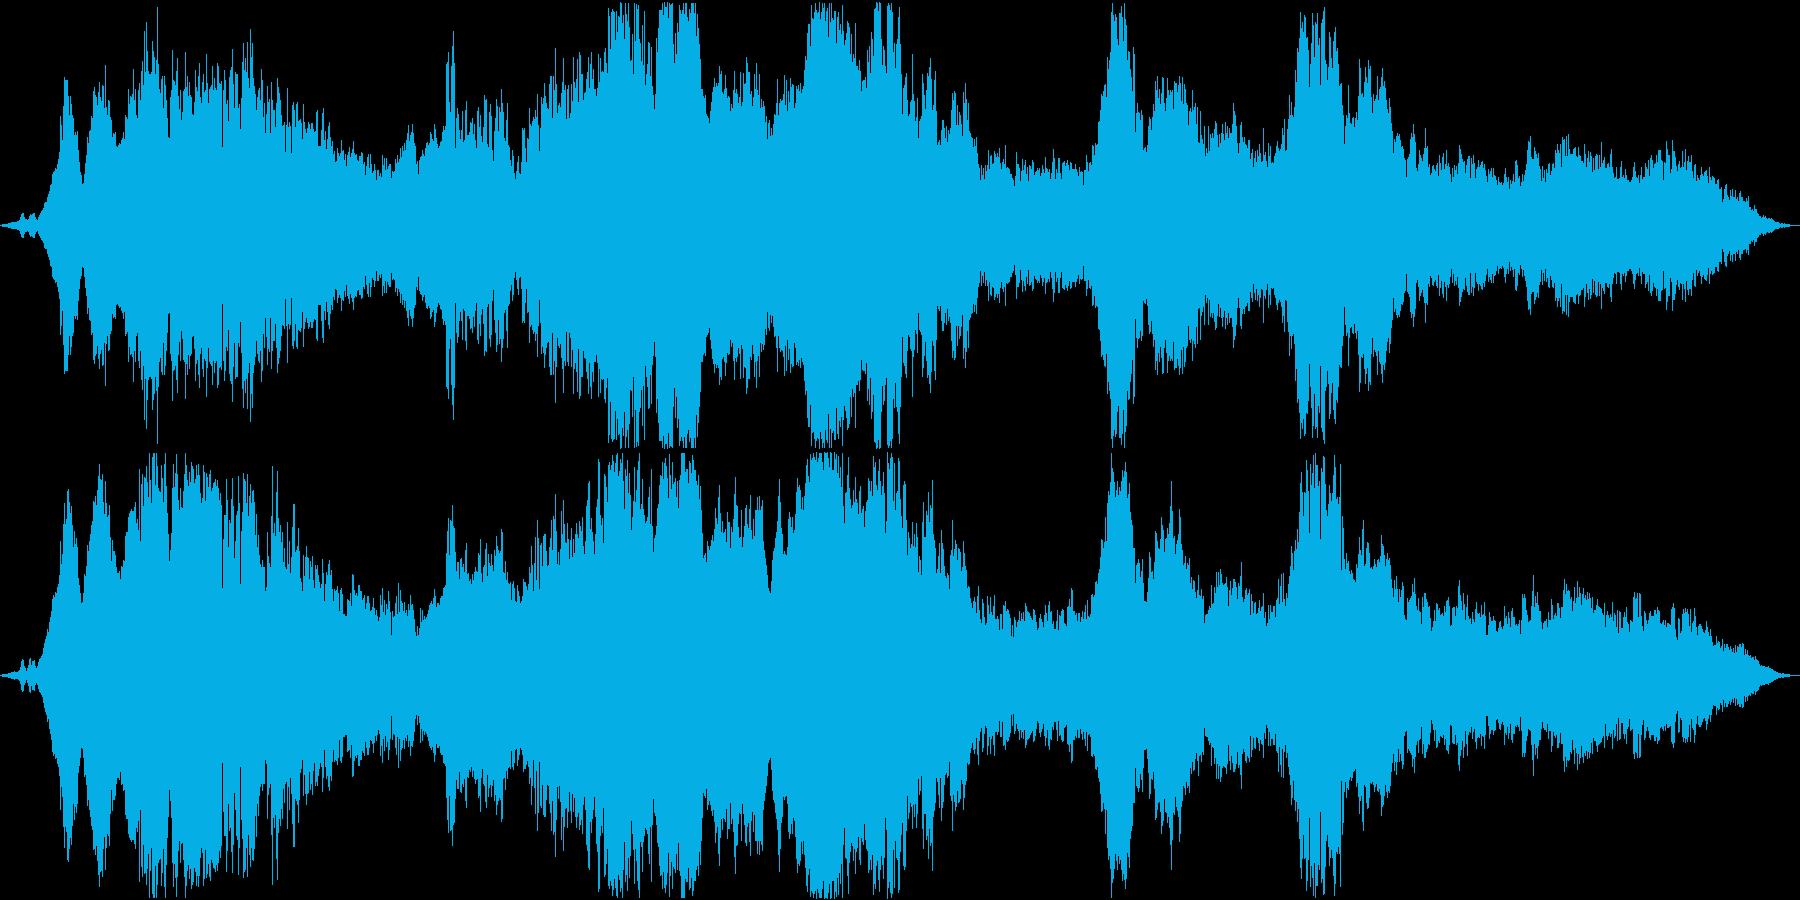 ドローン 美しい破壊01の再生済みの波形